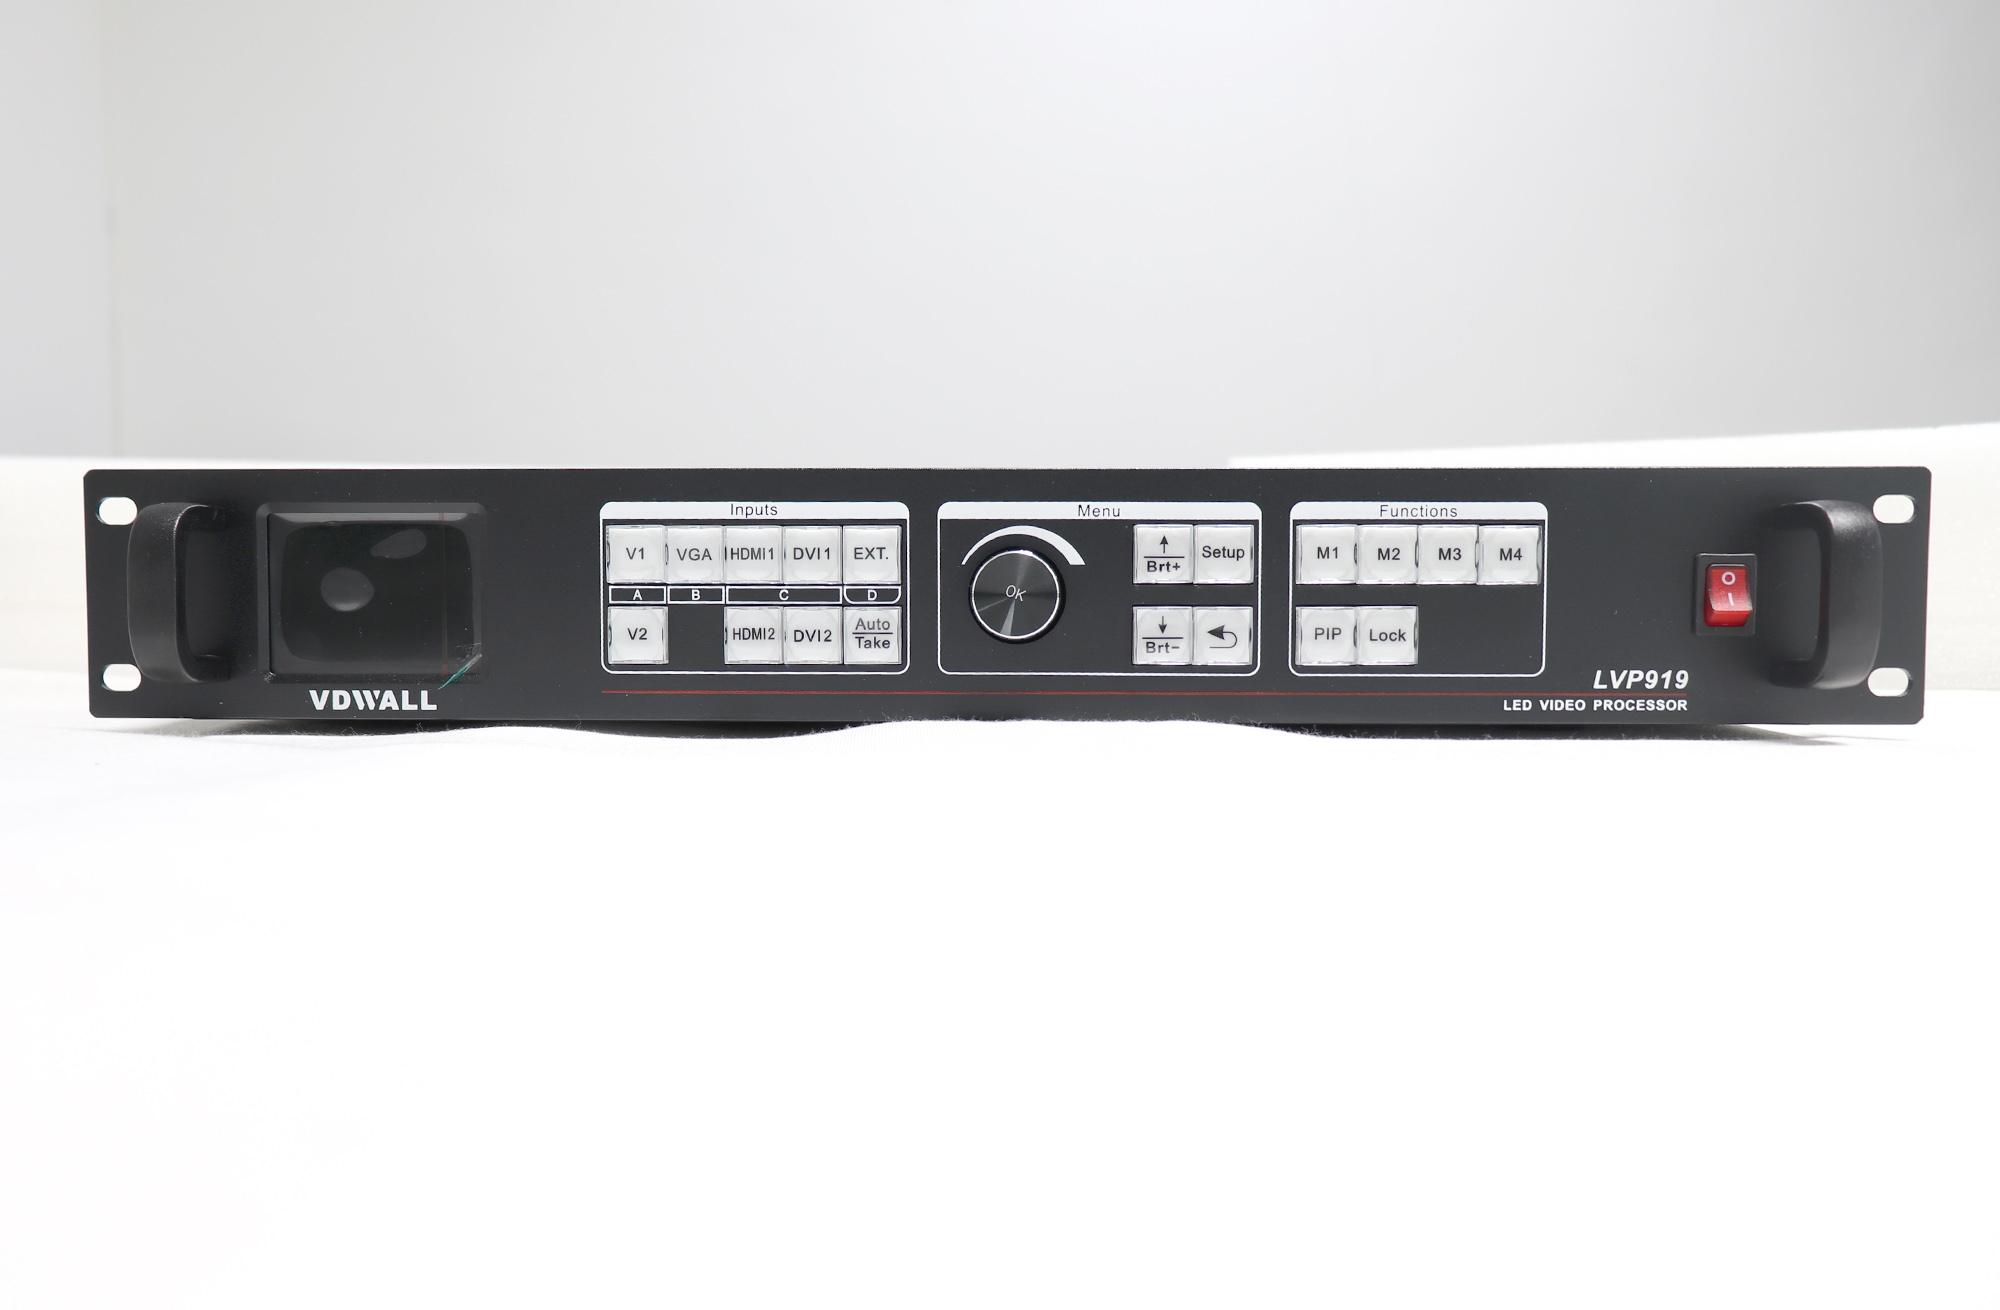 VDWALL LVP919 HD LED Video Wall Processor